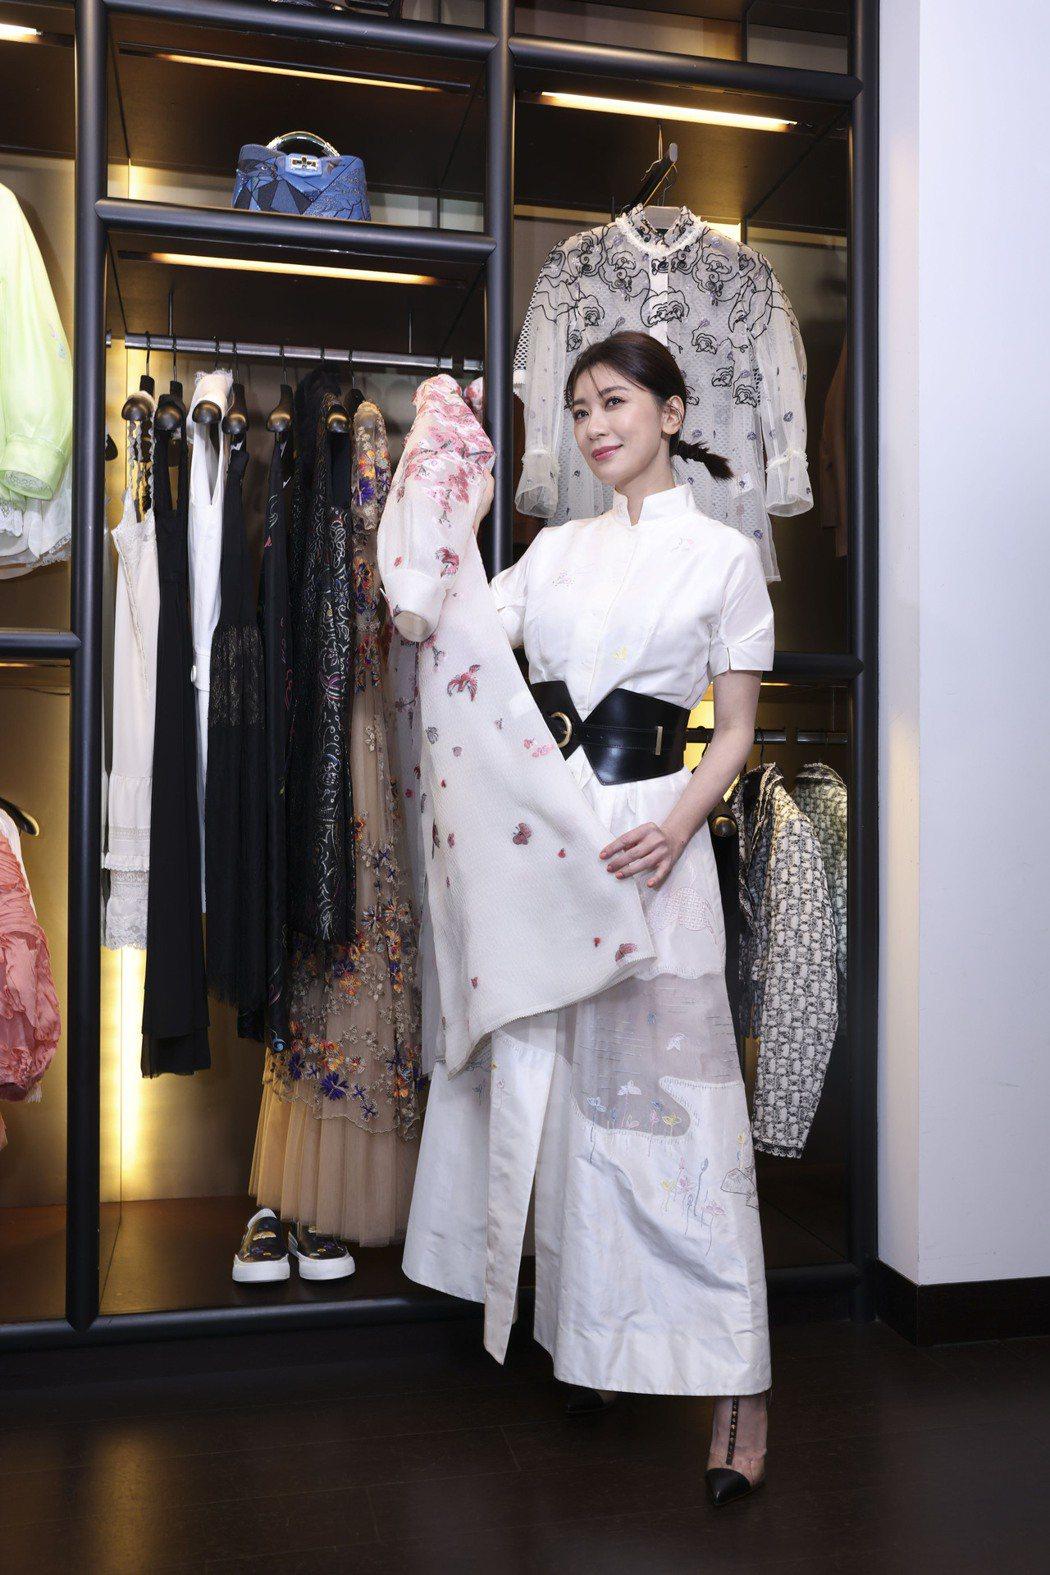 賈靜雯今天出席在福華飯店舉行的夏姿2021年拾華慈善特賣會活動。記者王聰賢/攝影